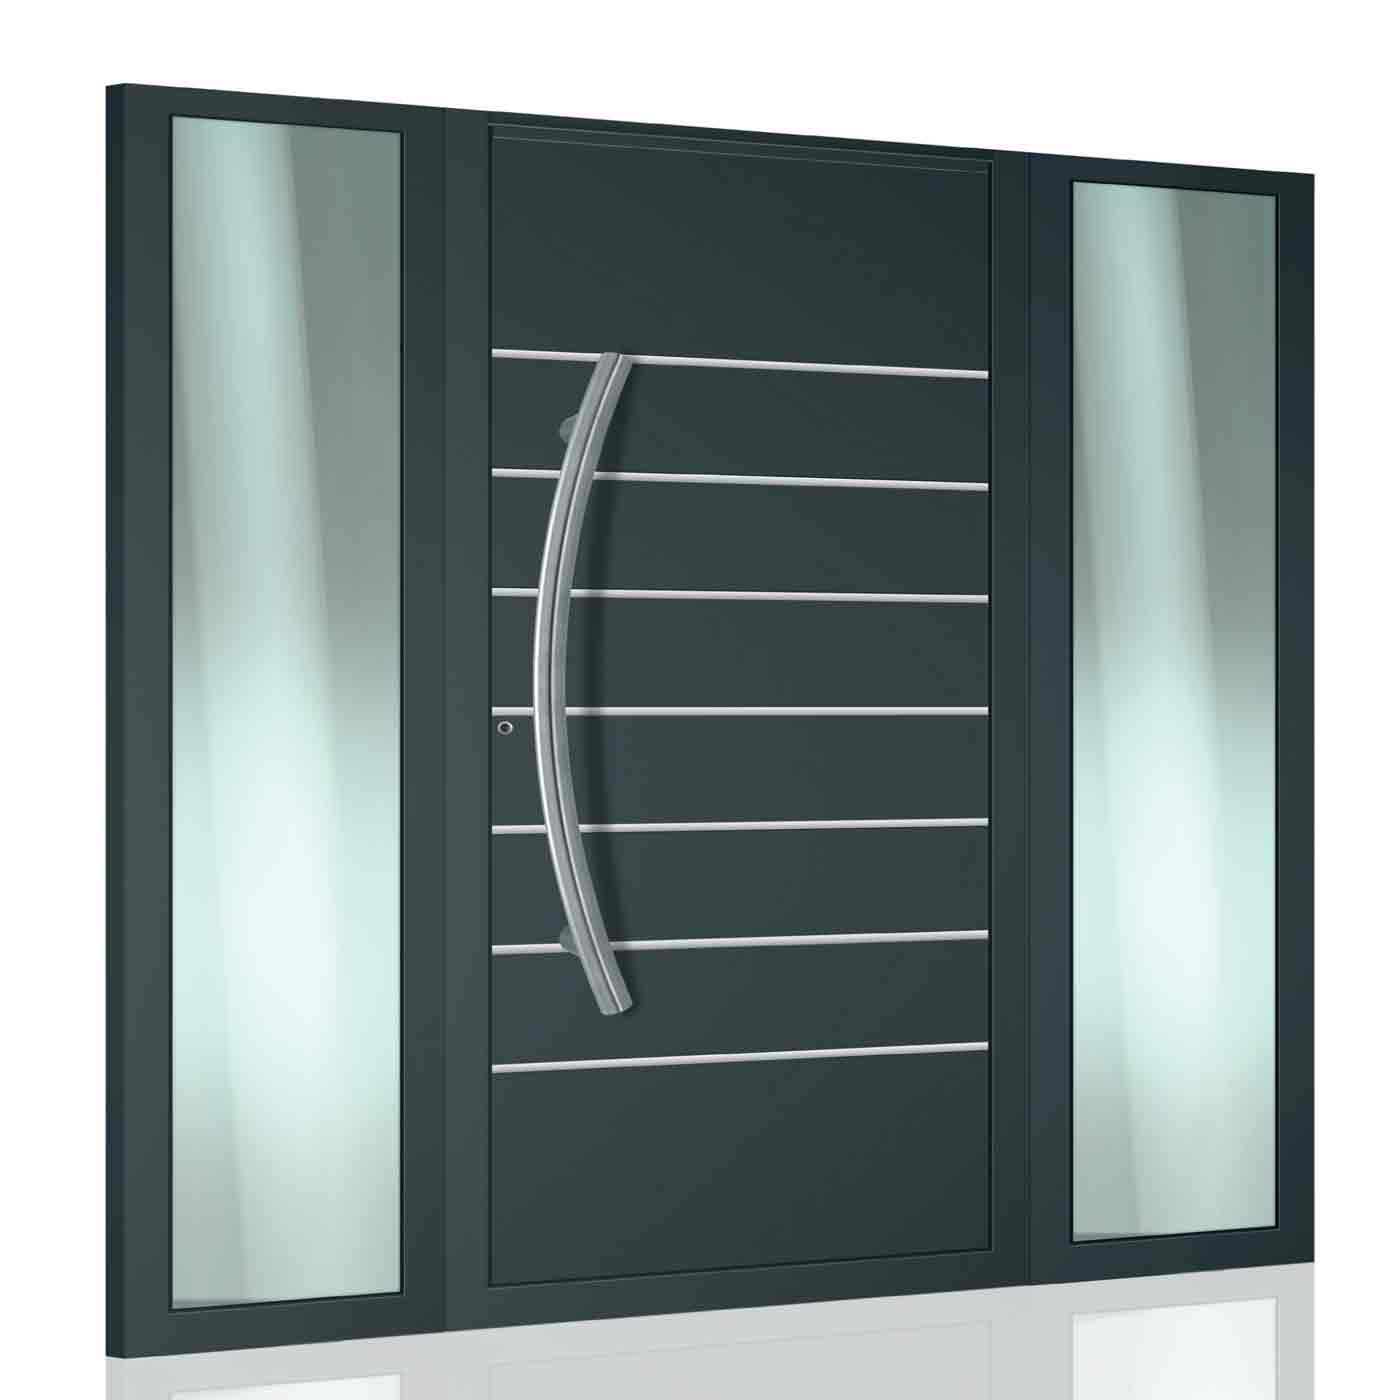 EDOOR soluzione ideale in alluminio per un ingresso di casa all'americana